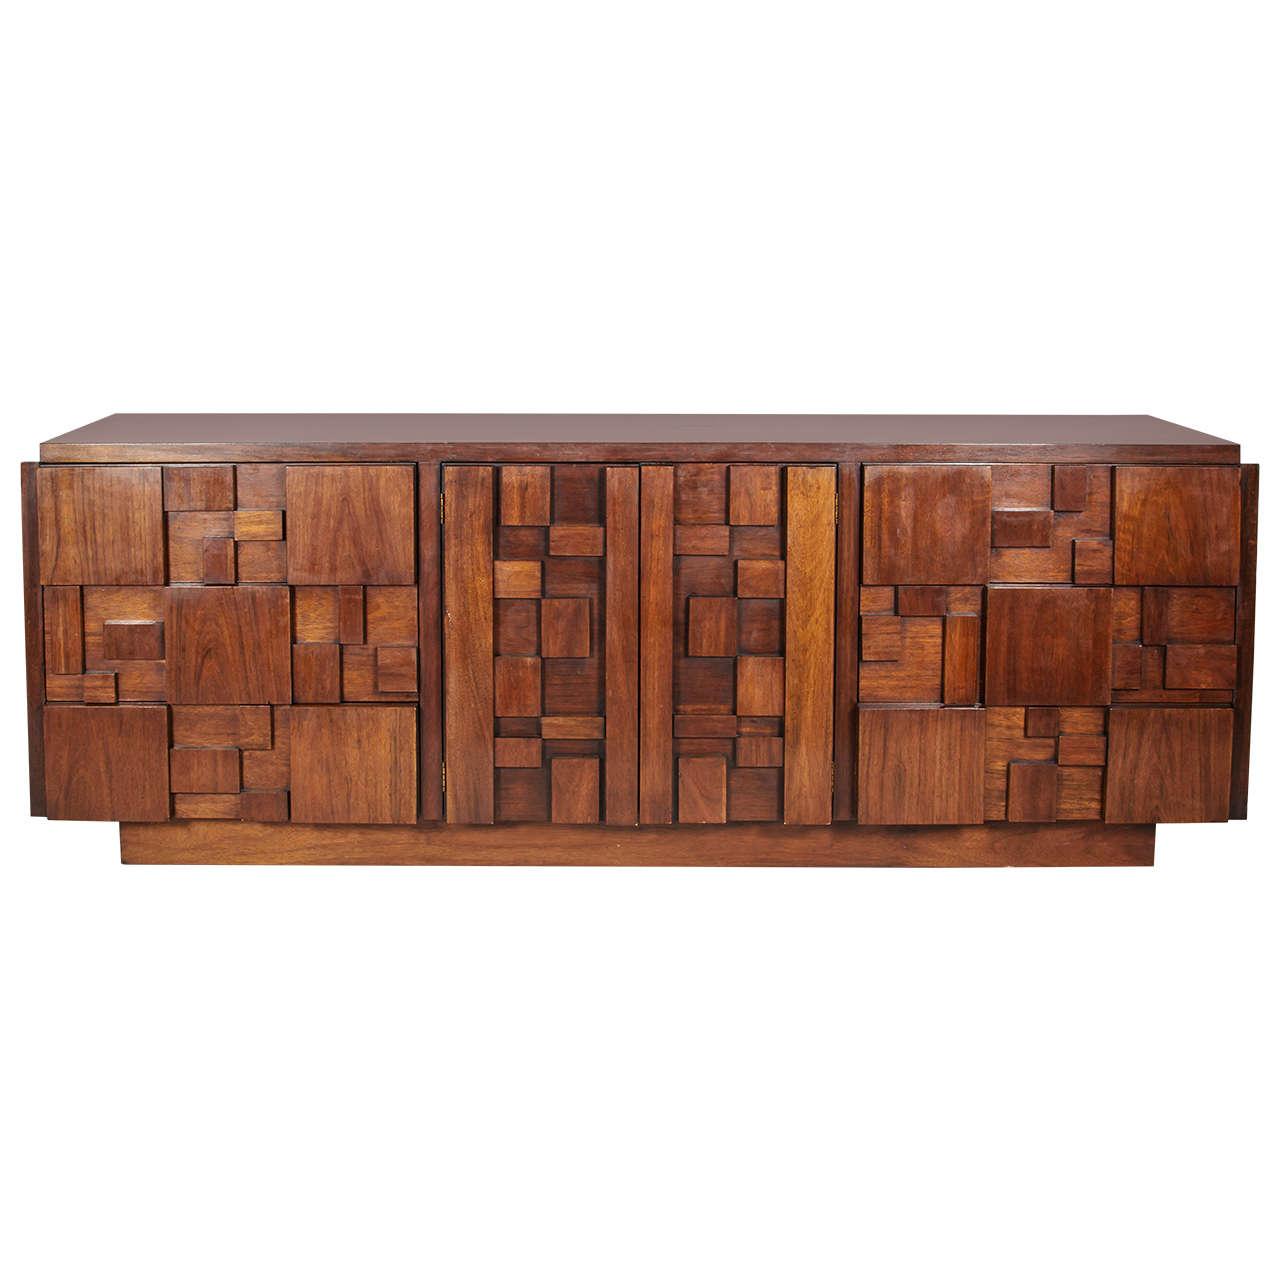 Lane Furniture Bedroom Sets Lane Brutalist Furniture Storage Cabinets Collectibles More